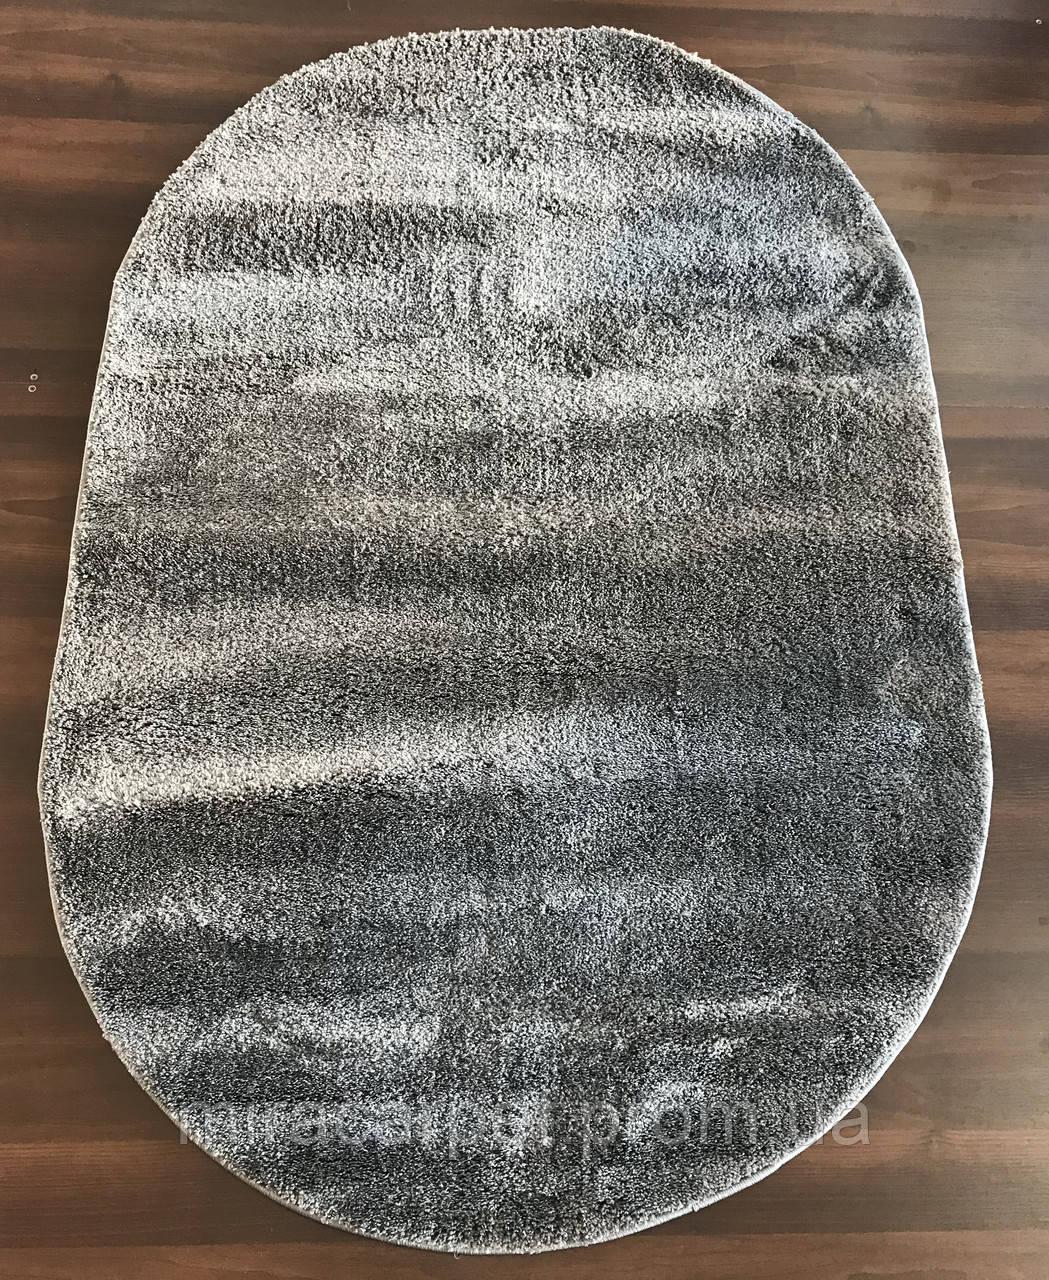 Ворсовые серые ковер овальной формы